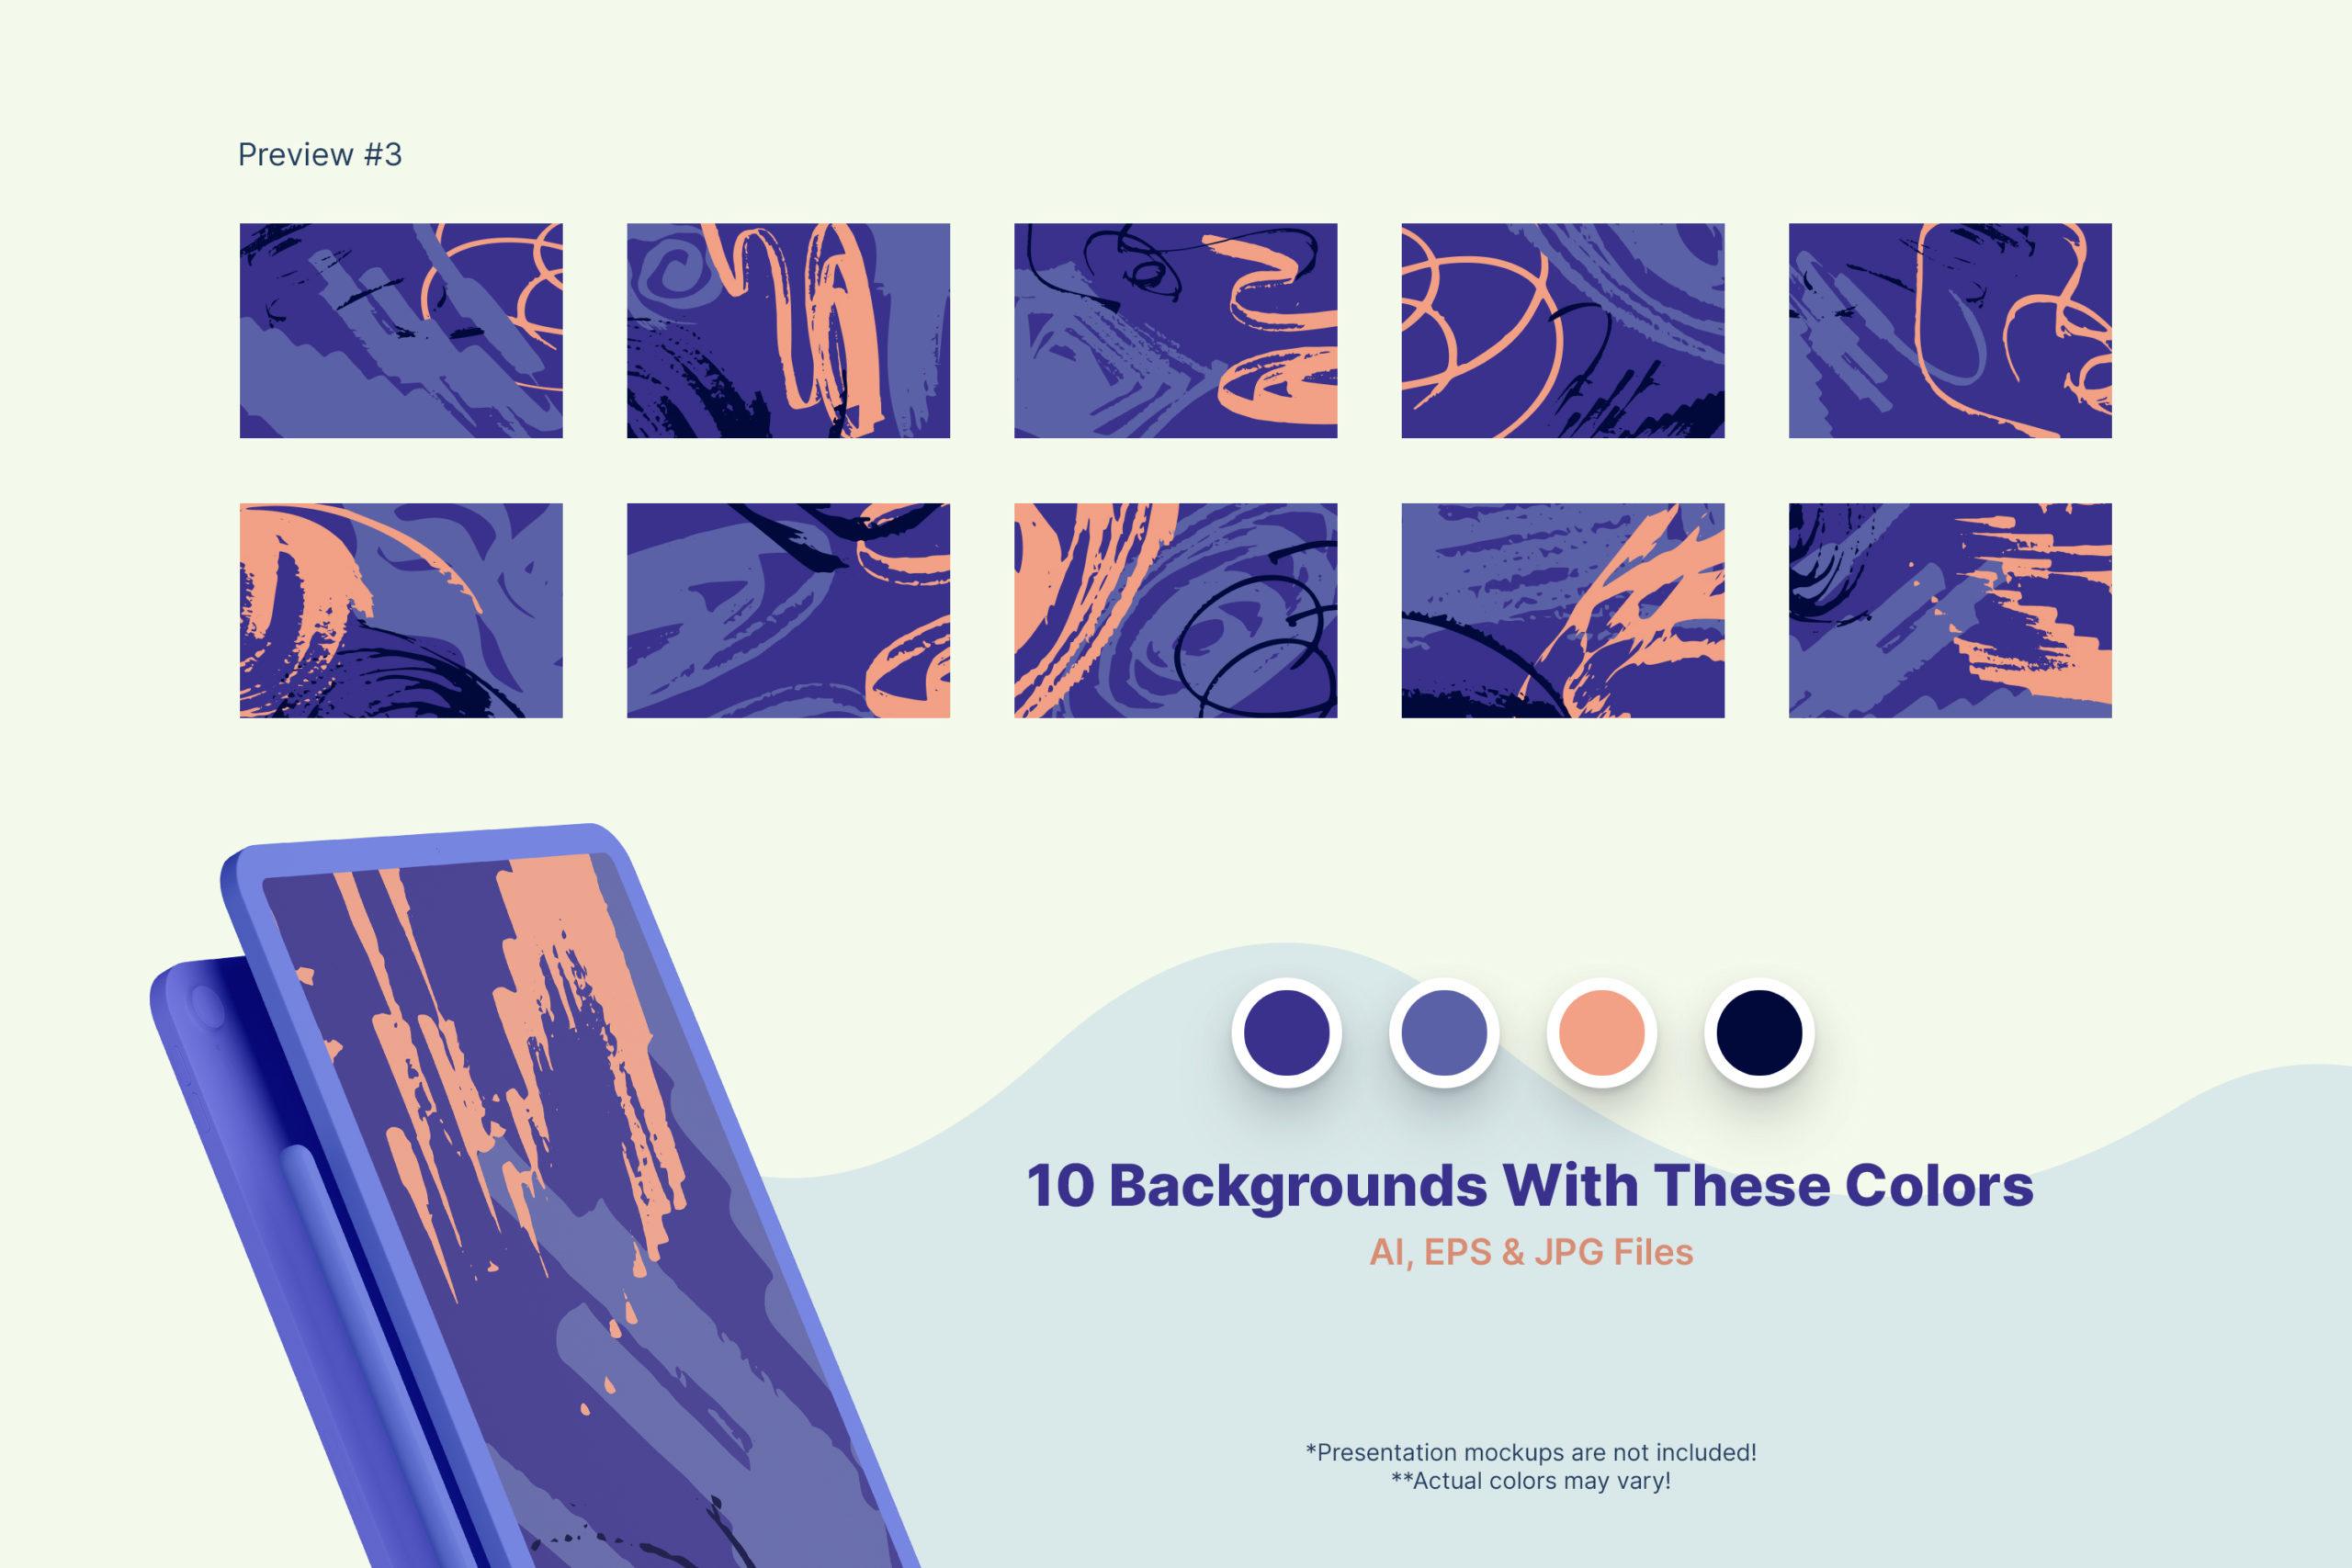 粗糙水墨毛笔笔触纹理海报设计背景图片矢量设计素材 Distressed Vector Backgrounds插图5